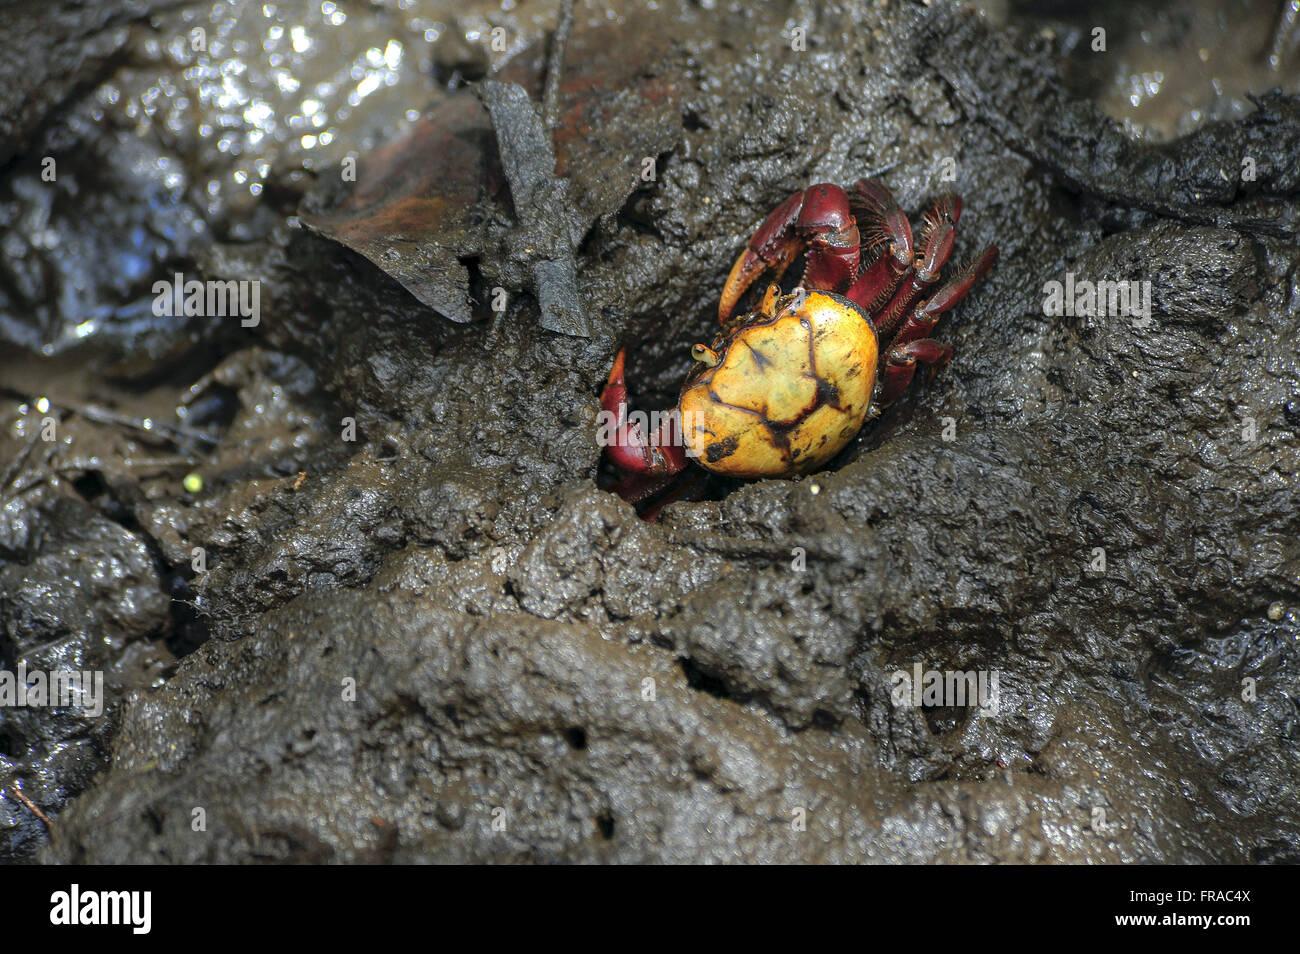 Caranguejo em mangue - Stock Image